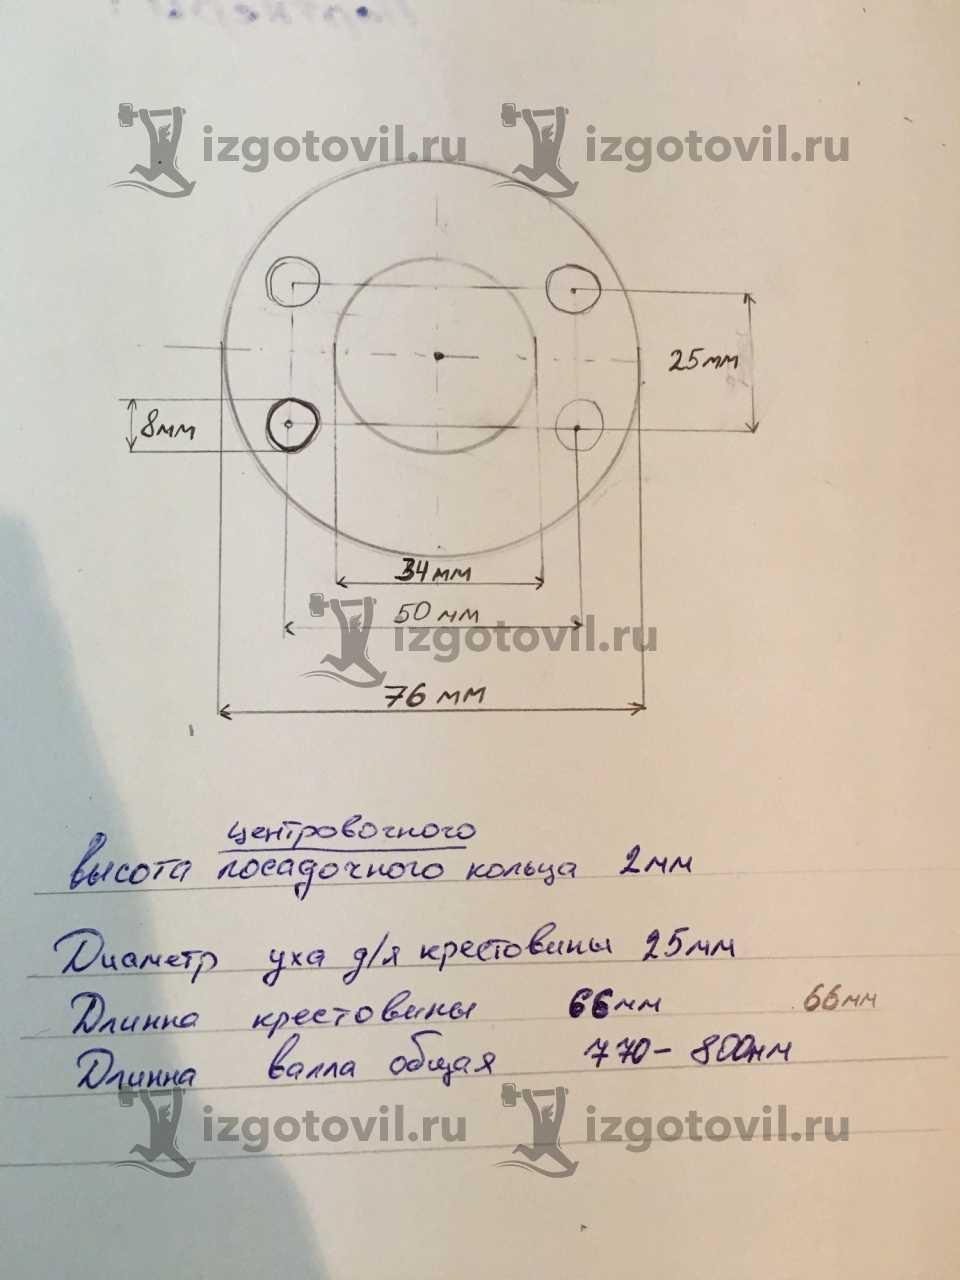 Токарная обработка ЧПУ - изготовить кольцо